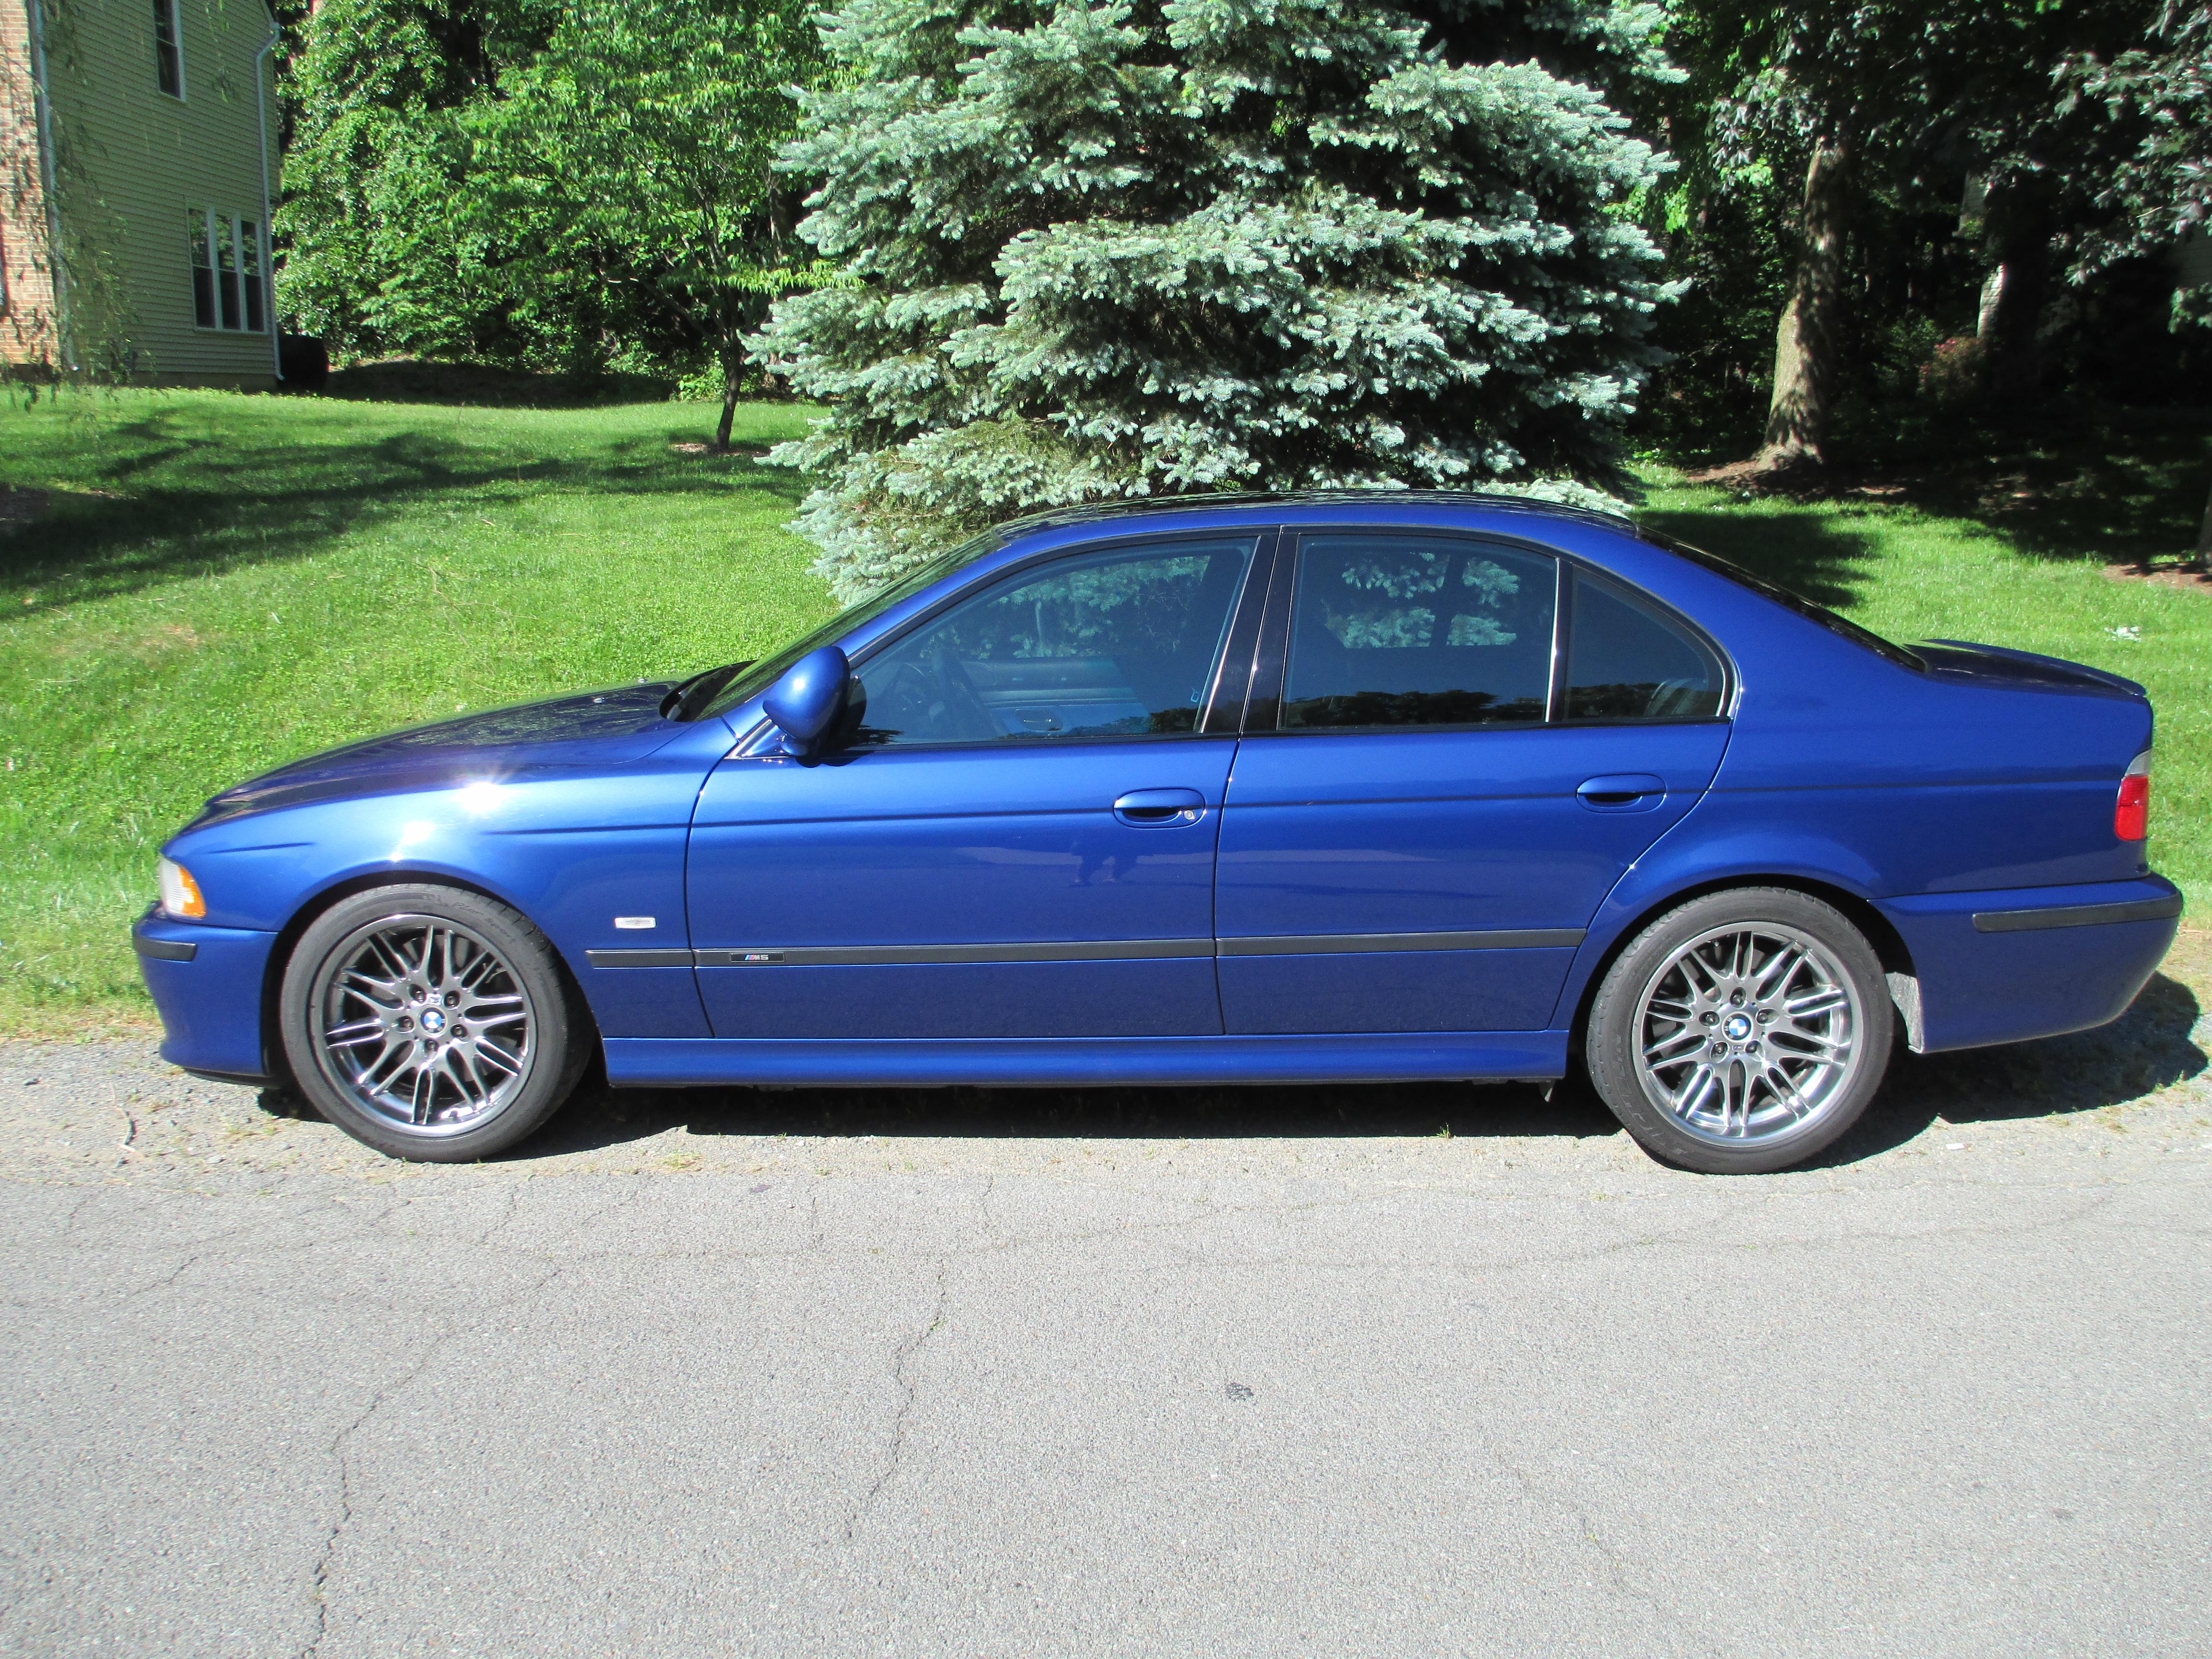 E39 96 03 For Sale 2000 M5 56 3k Miles Like New Avus